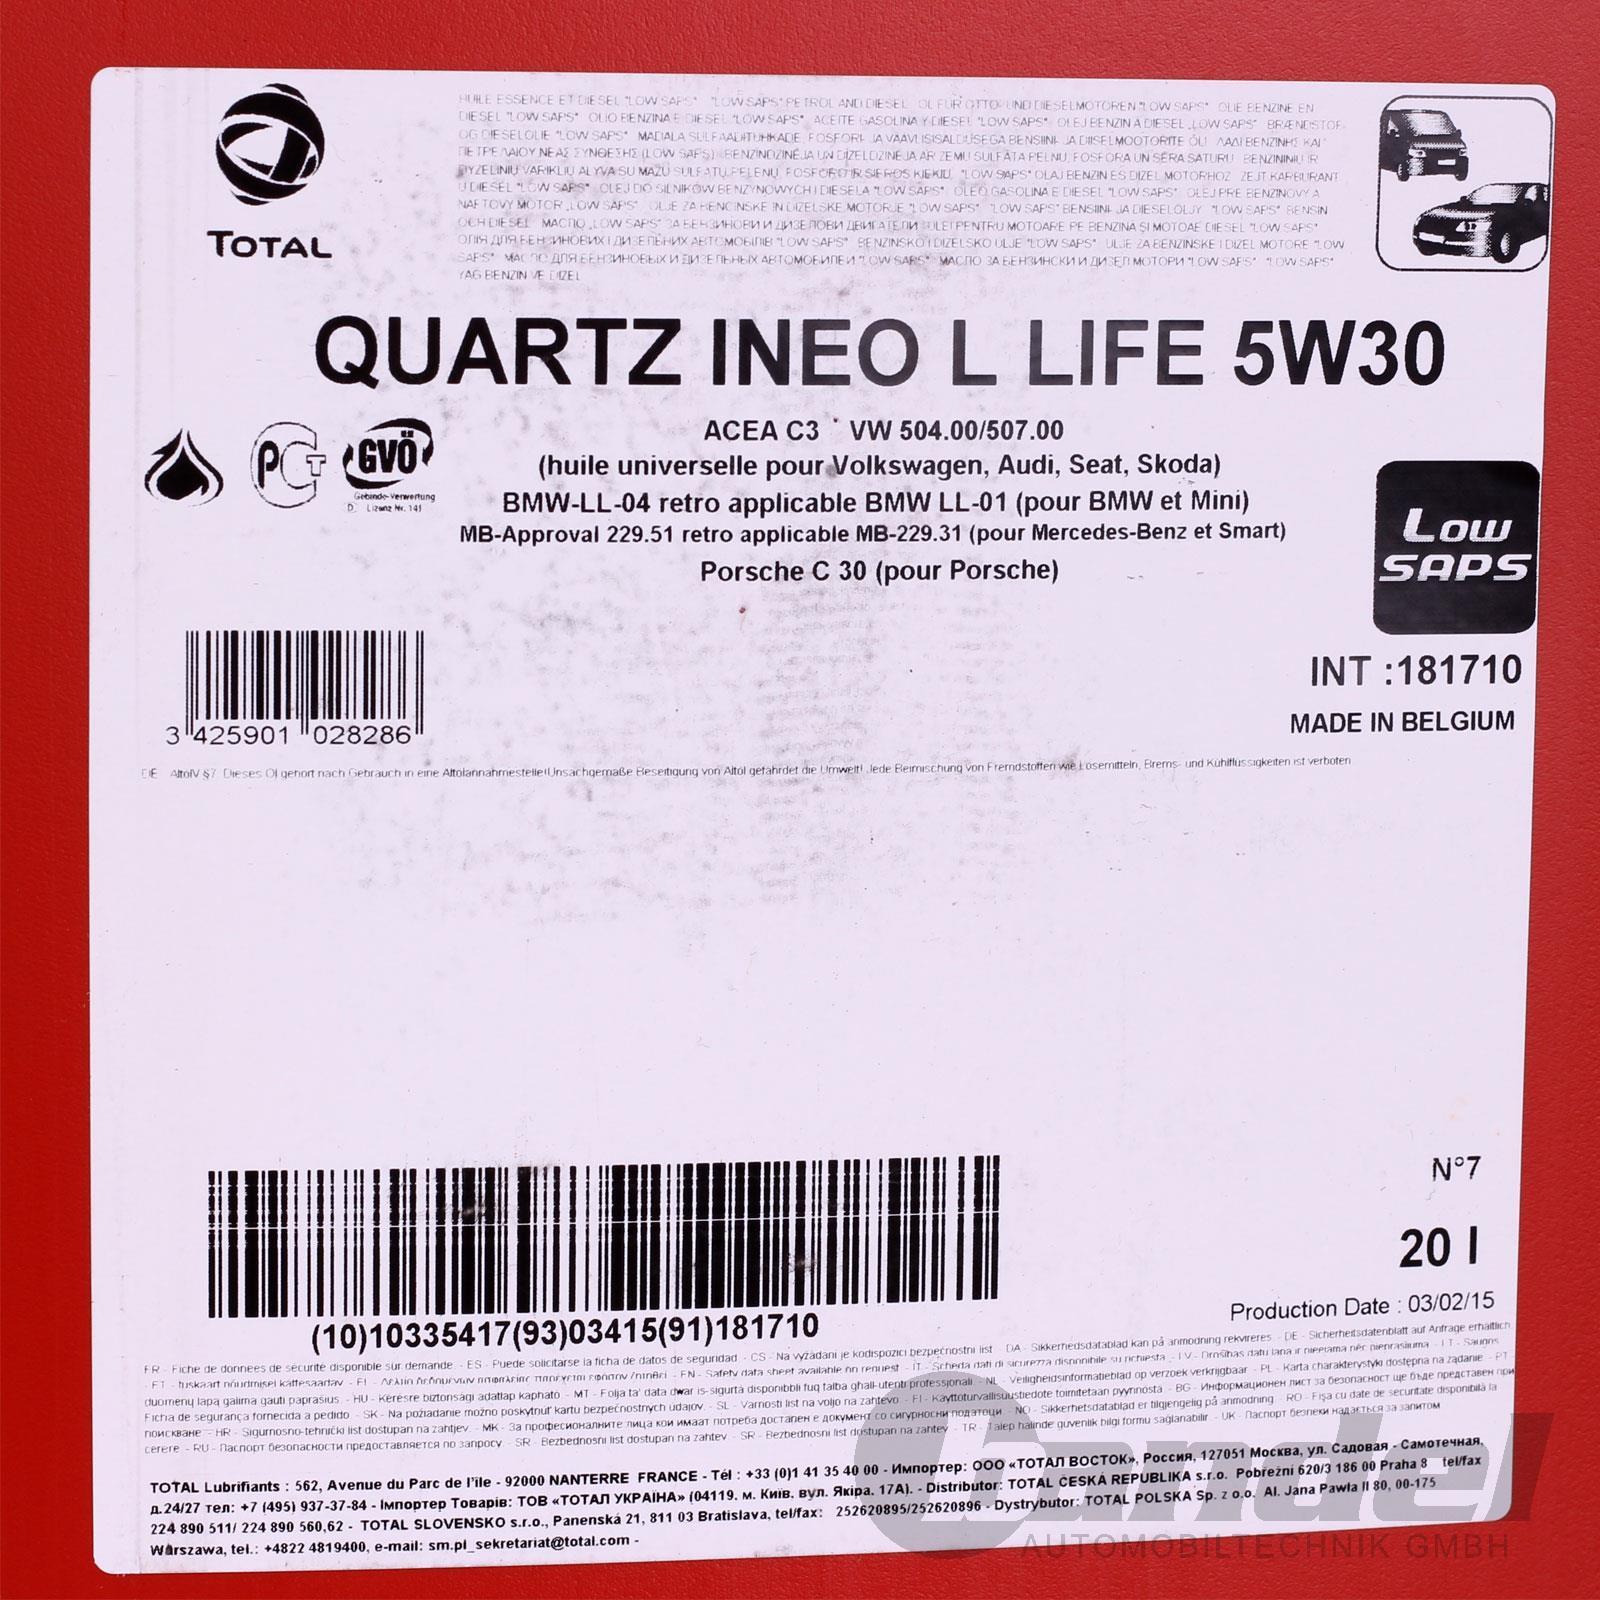 4 75 l 20l 5w 30 motor l total quartz ineo long life vw bmw ll 04 ebay. Black Bedroom Furniture Sets. Home Design Ideas